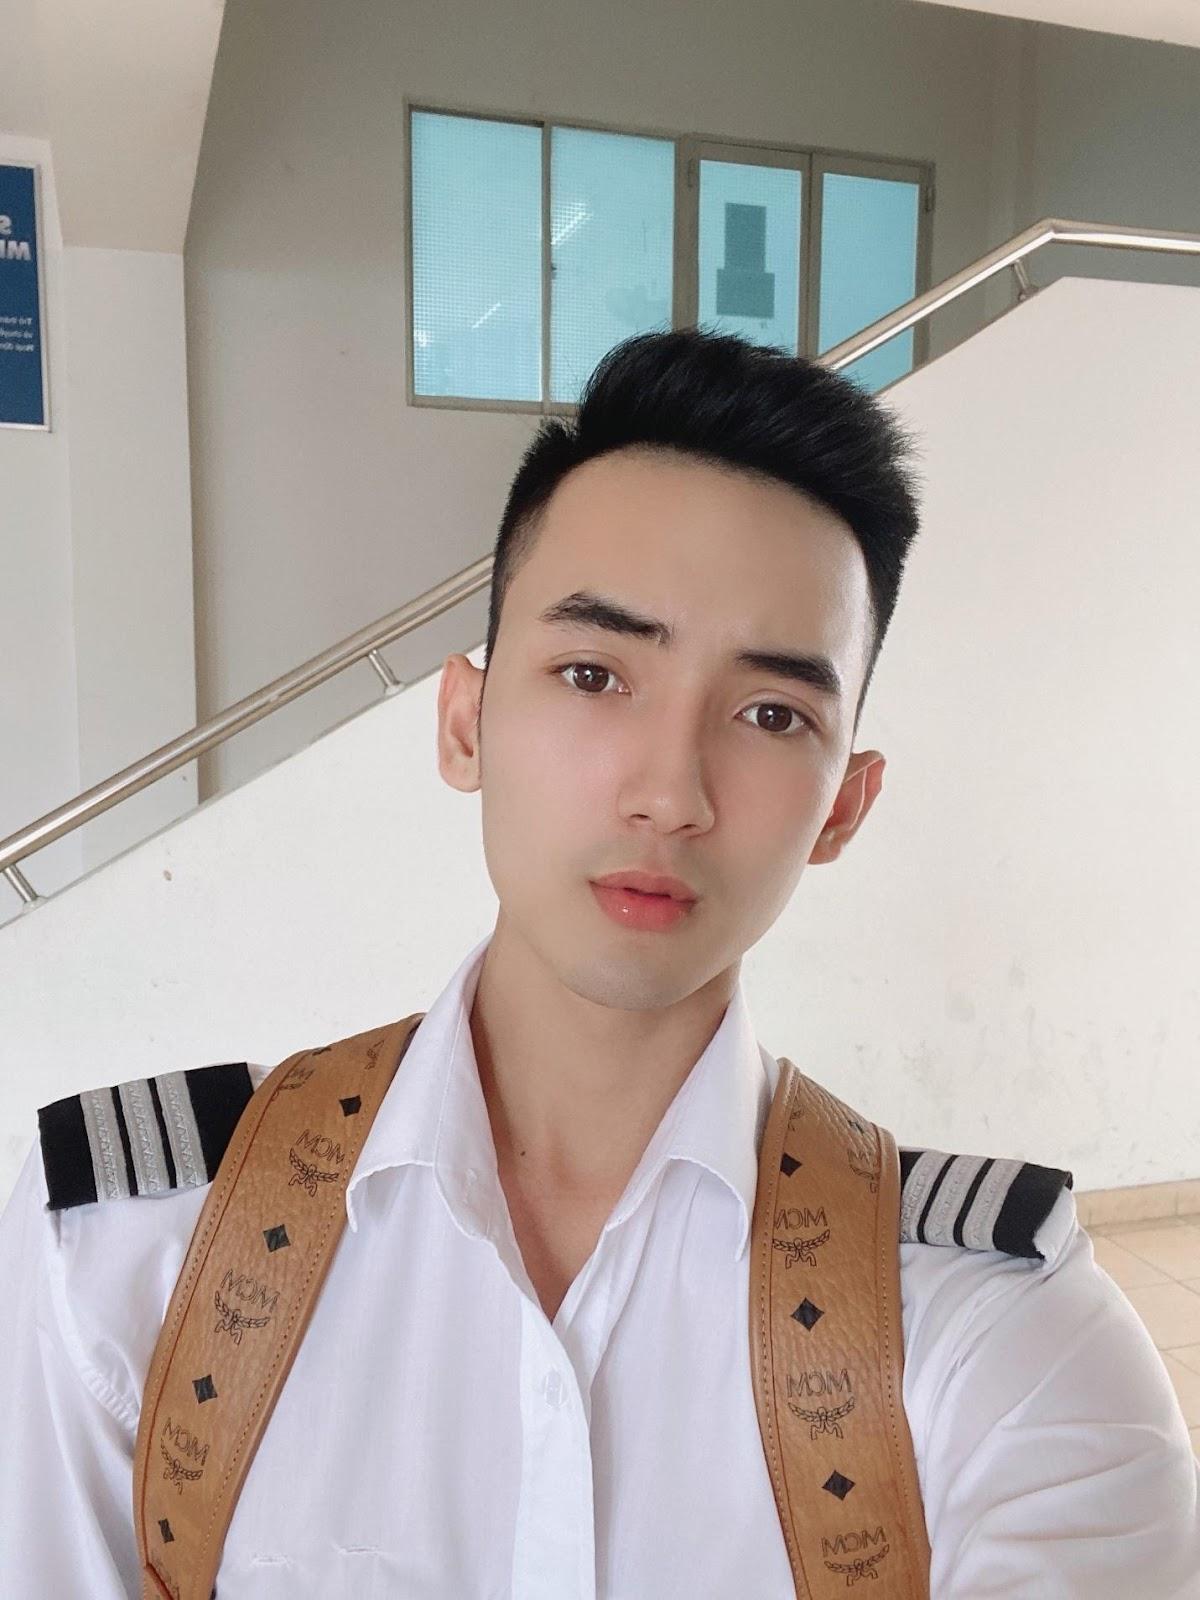 """Chàng tiếp viên hàng không tương lai """"bỏ nhà"""" theo đuổi niềm đam mê - Ảnh 5"""